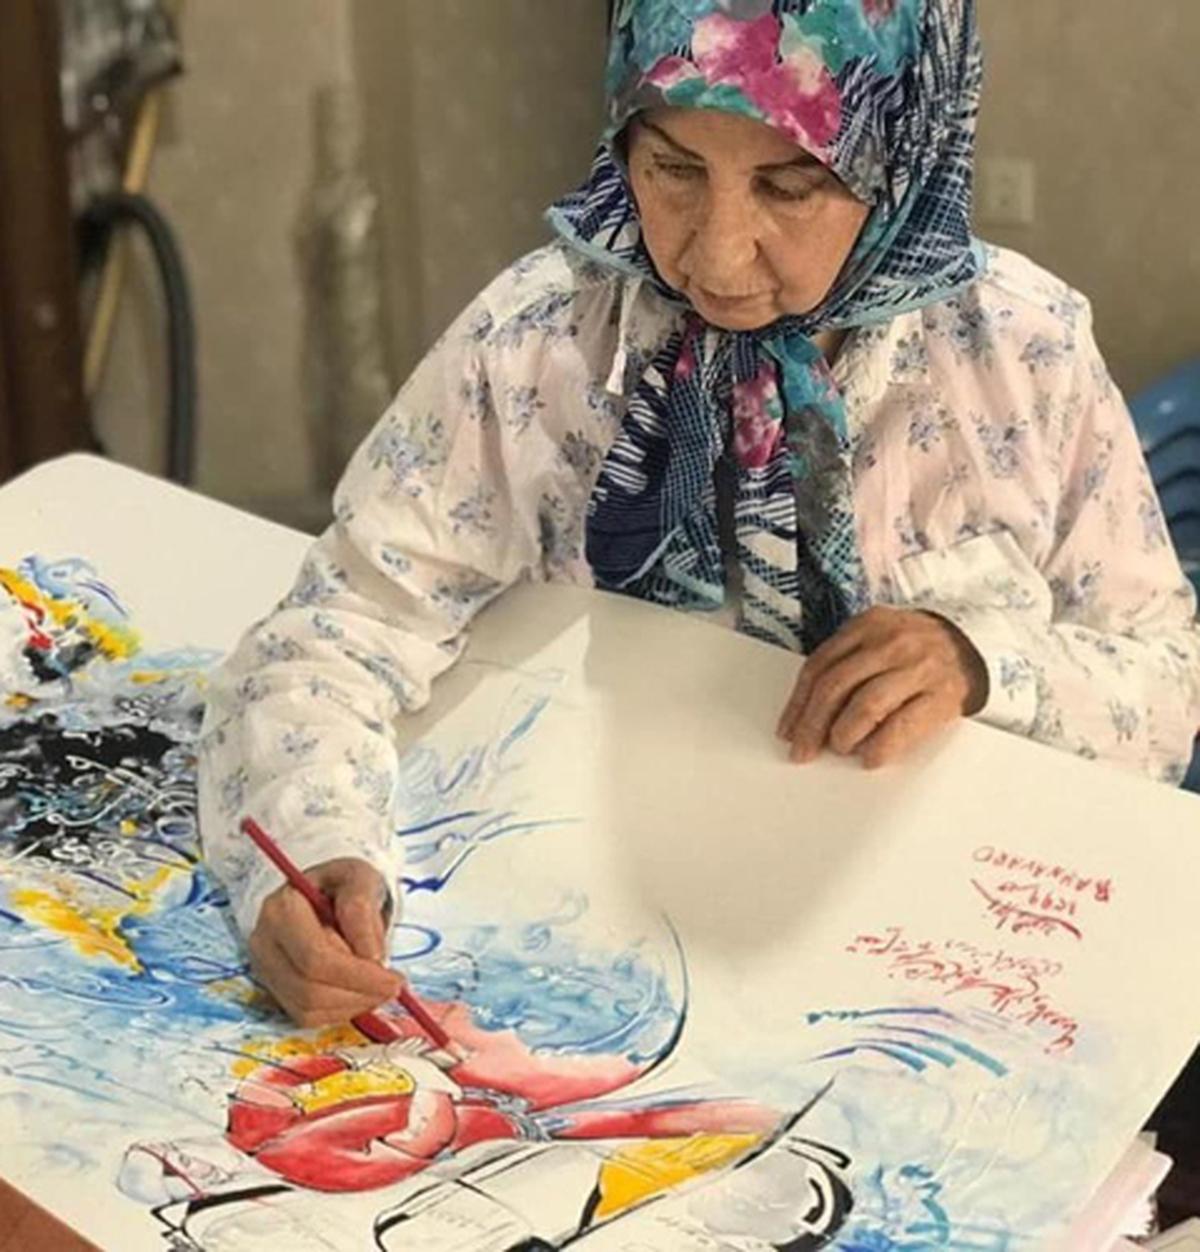 زهرا رهنورد بعد از 10 سال+ عکس  زهرا رهنورد در حال نقاشی کردن